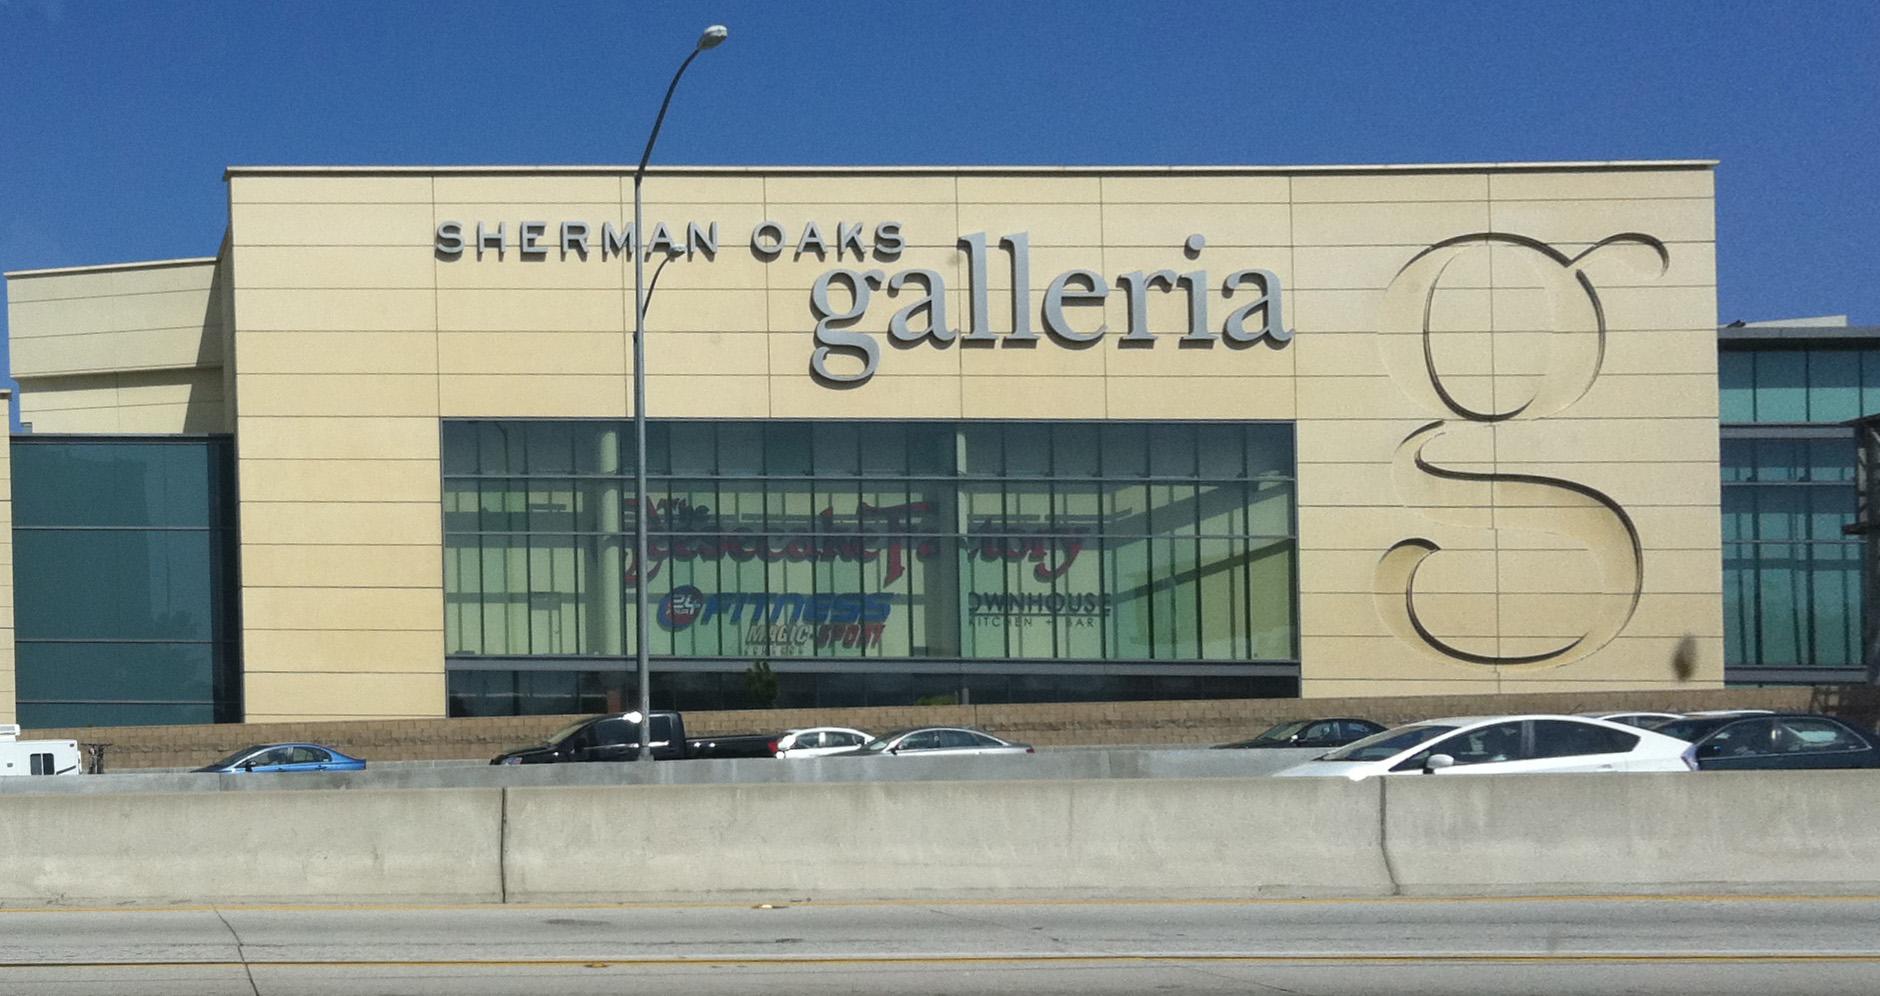 Sherman Oaks Galleria - Wikipedia